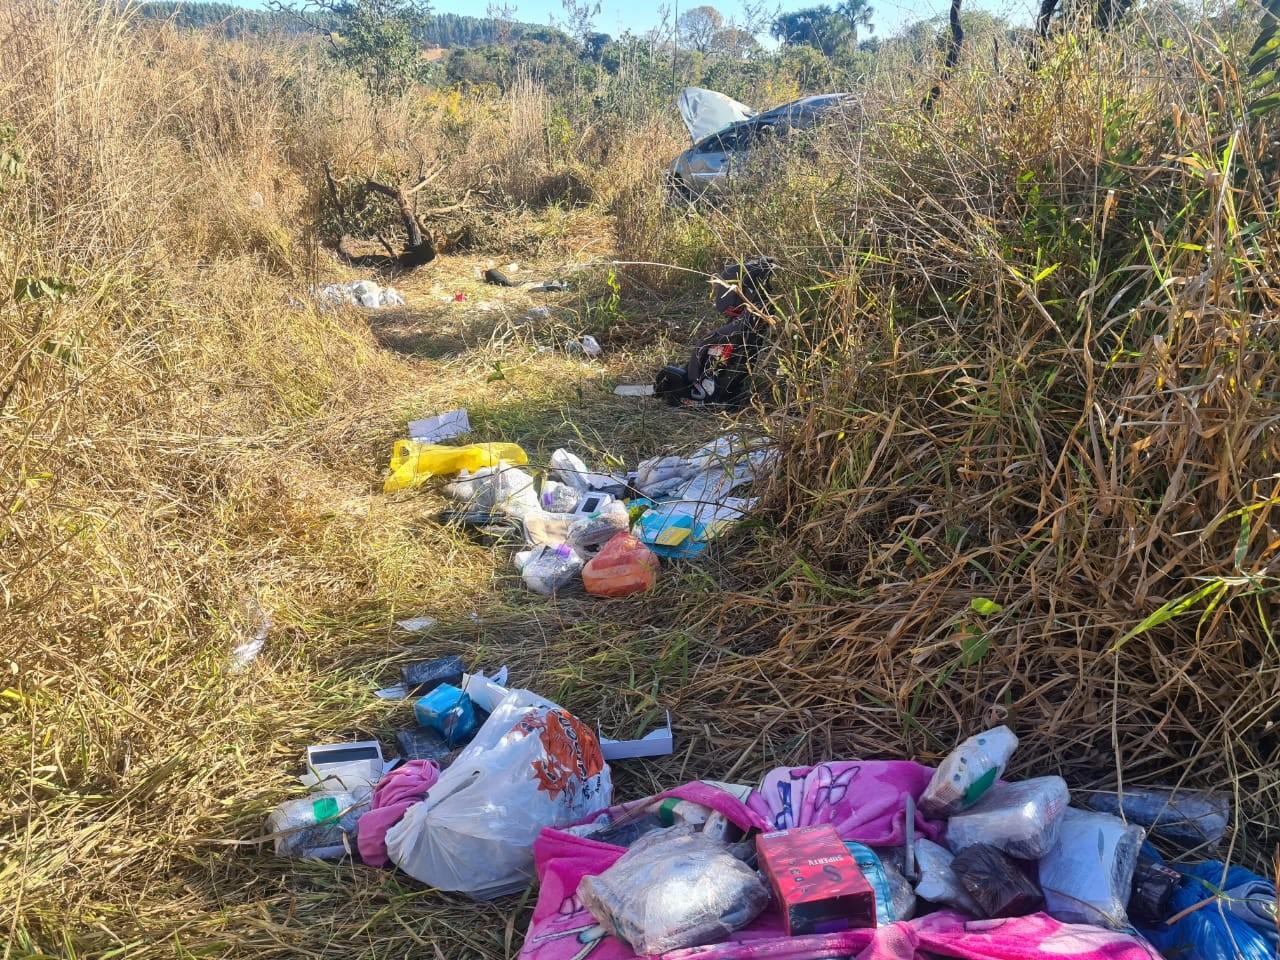 Cerca de R$ 100 mil em produtos contrabandeados são apreendidos após acidente de carro na MGC-497 em Uberlândia